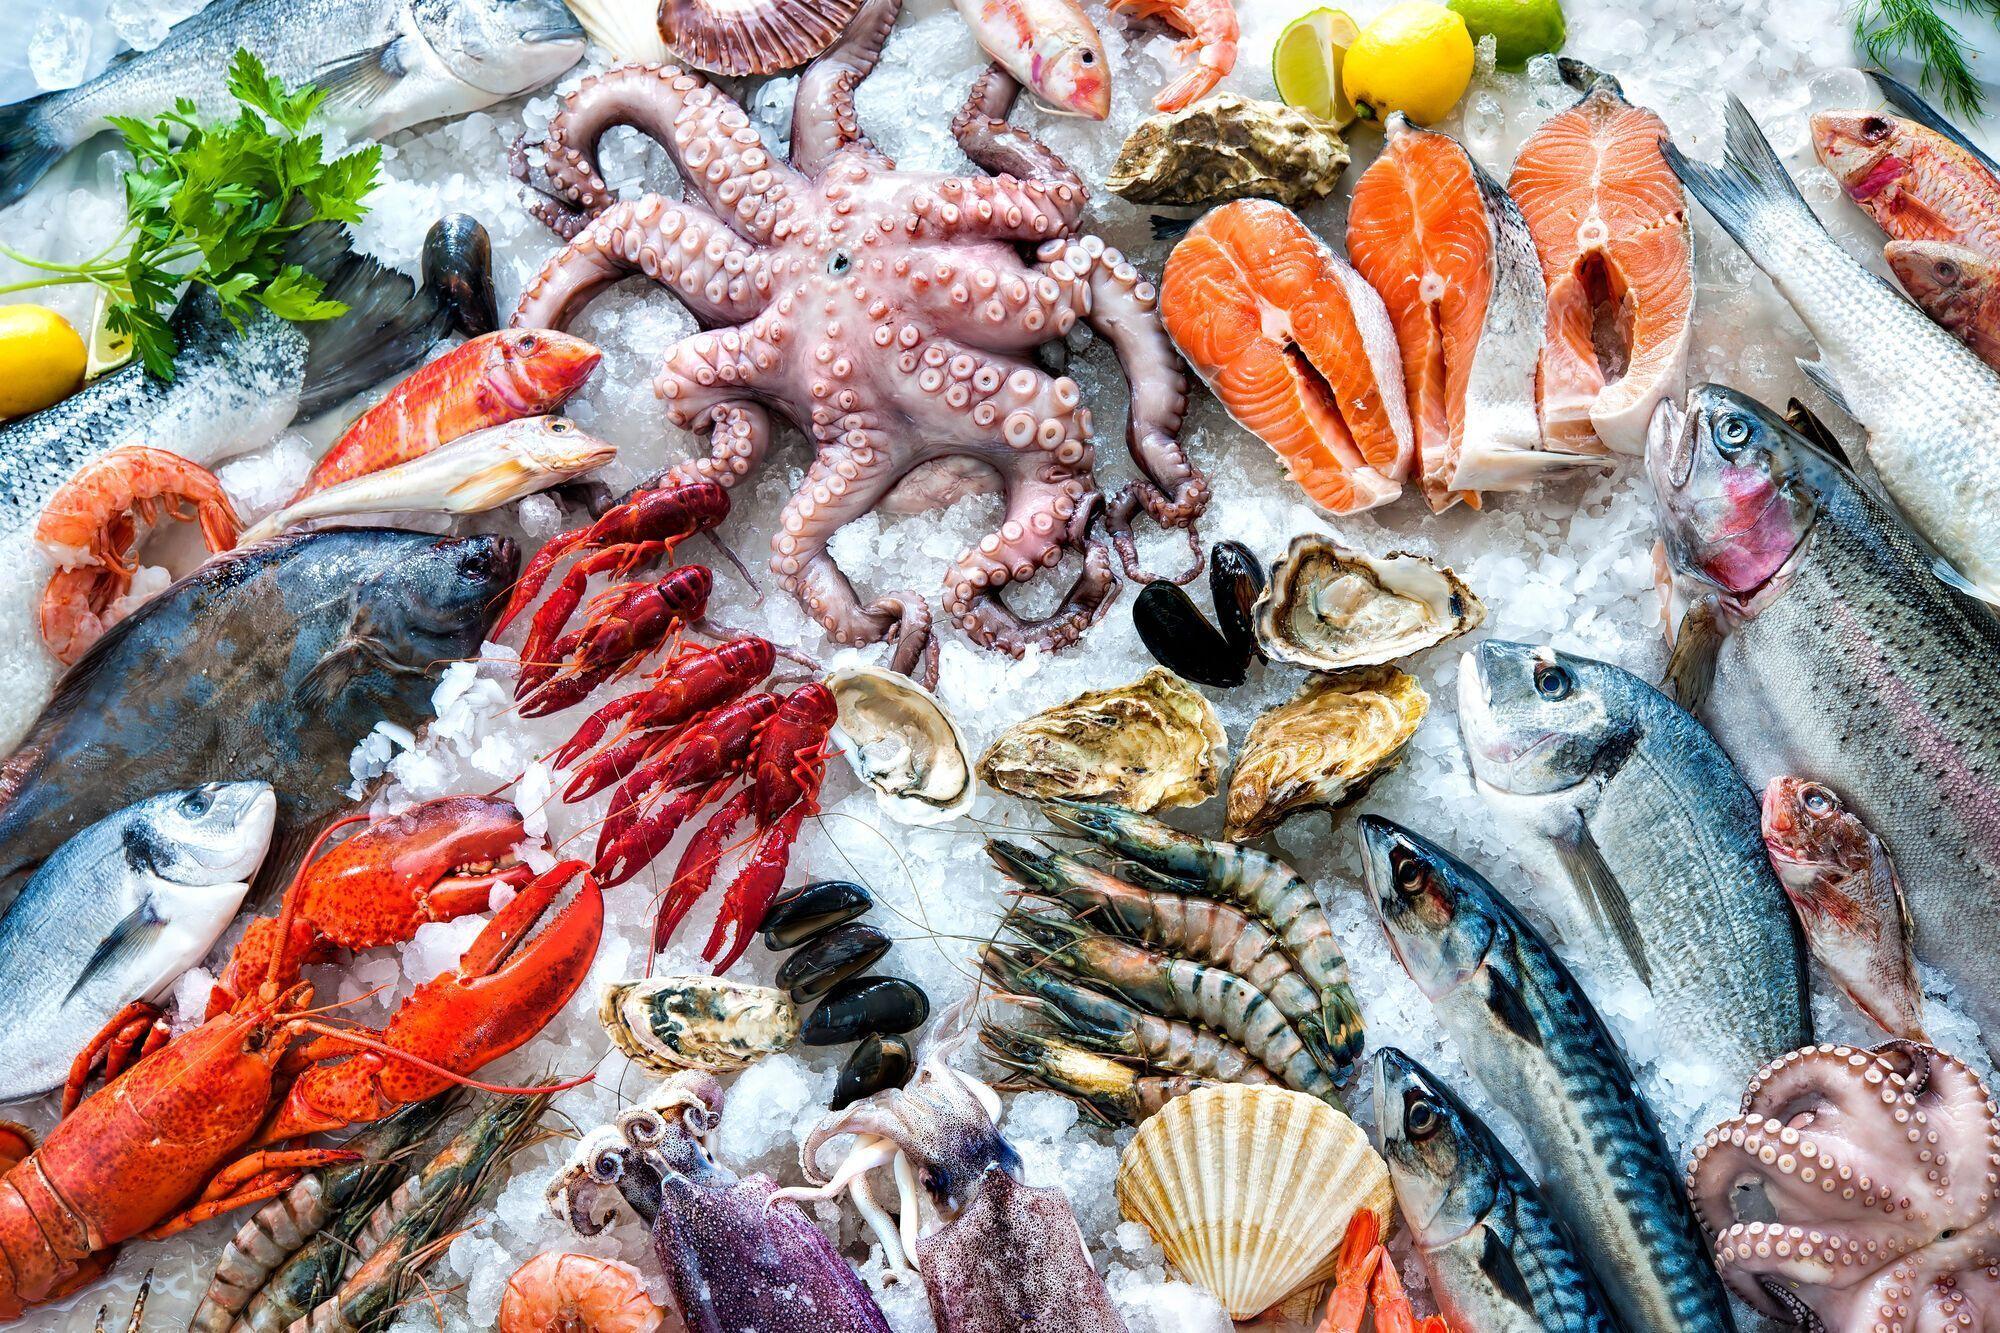 Як правильно розморожувати рибу, щоб не зіпсувати